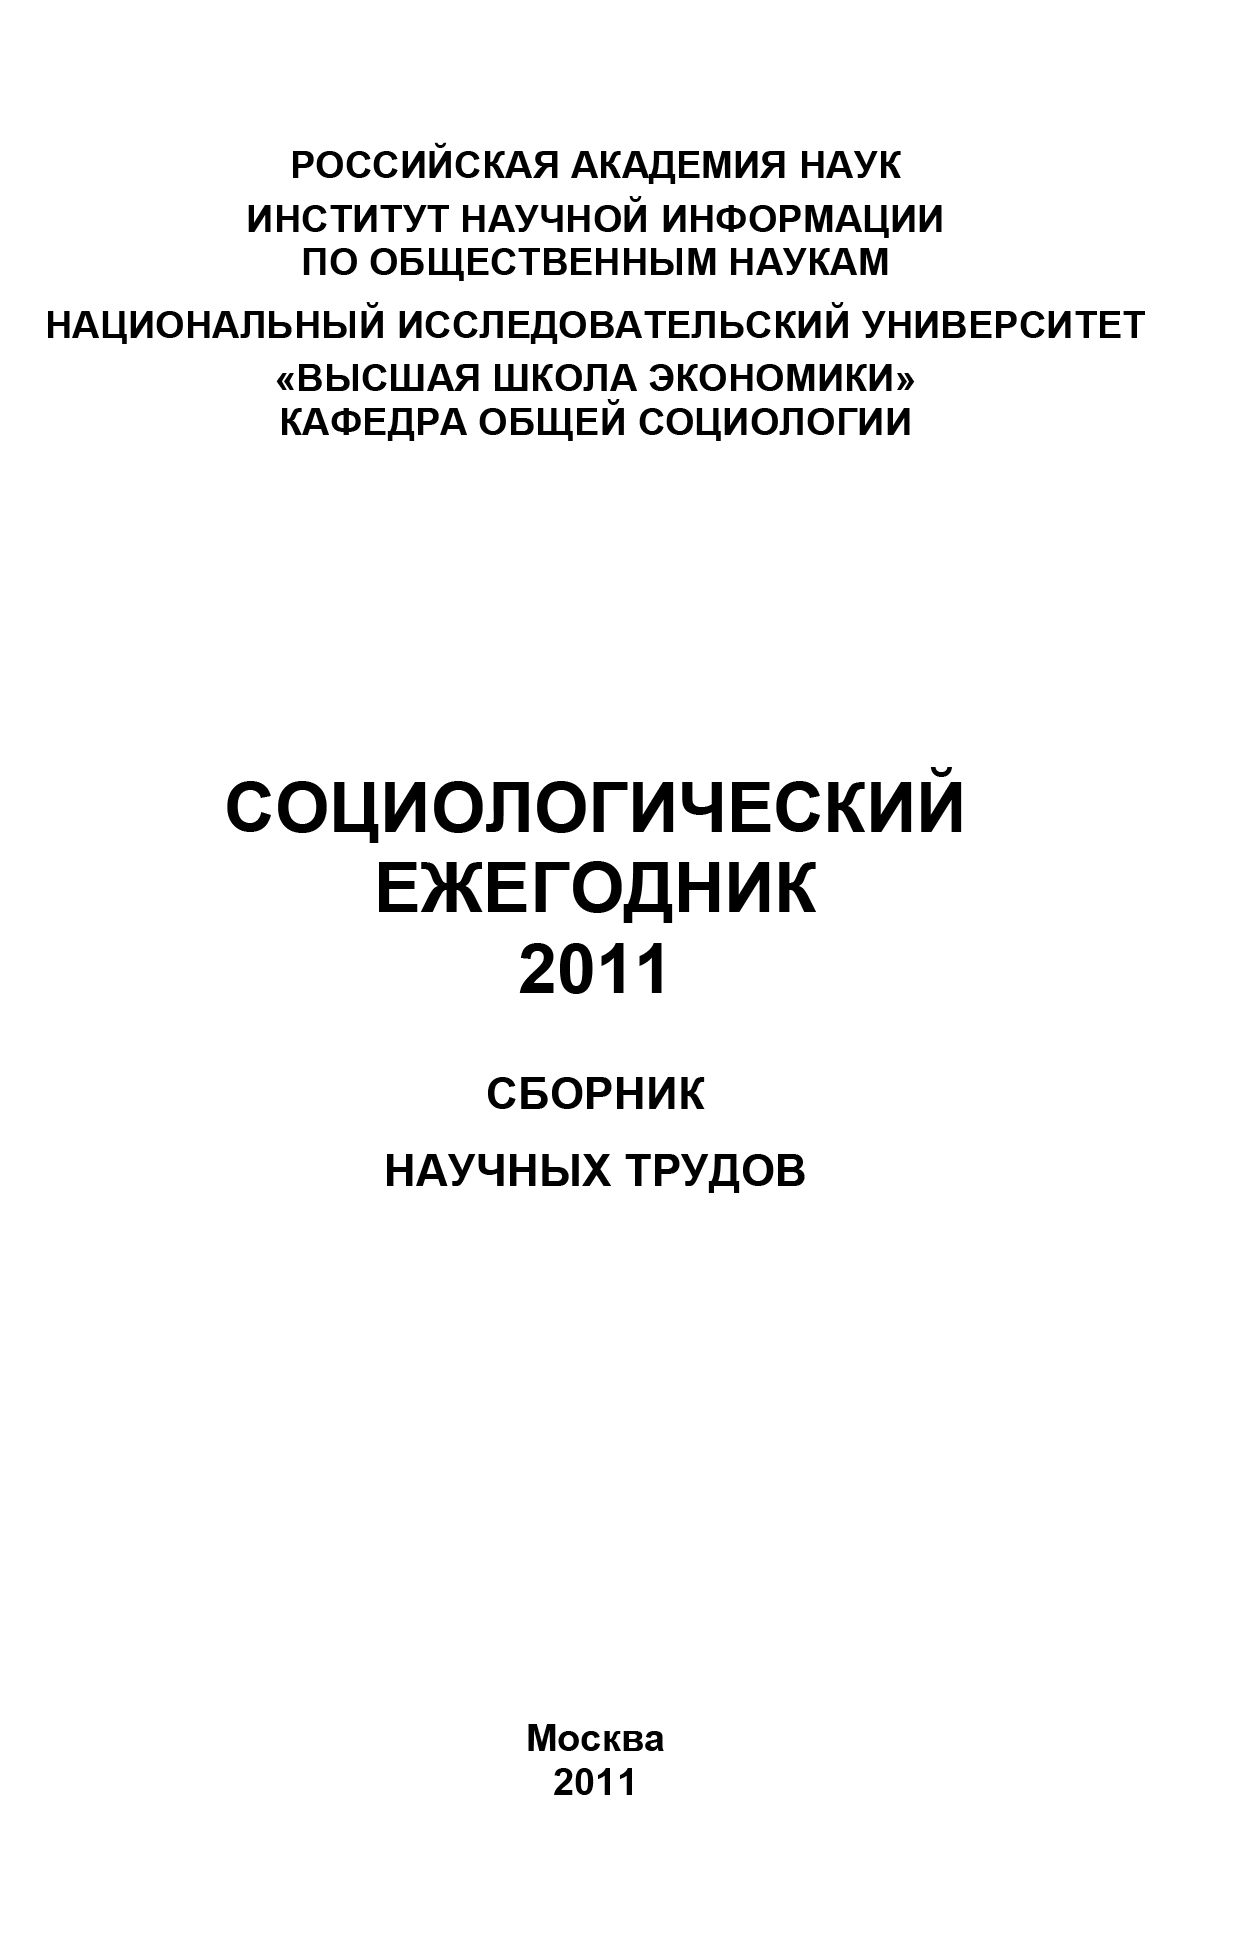 Коллектив авторов Социологический ежегодник 2011 коллектив авторов проблемы и перспективы реализации билингвизма в техническом вузе